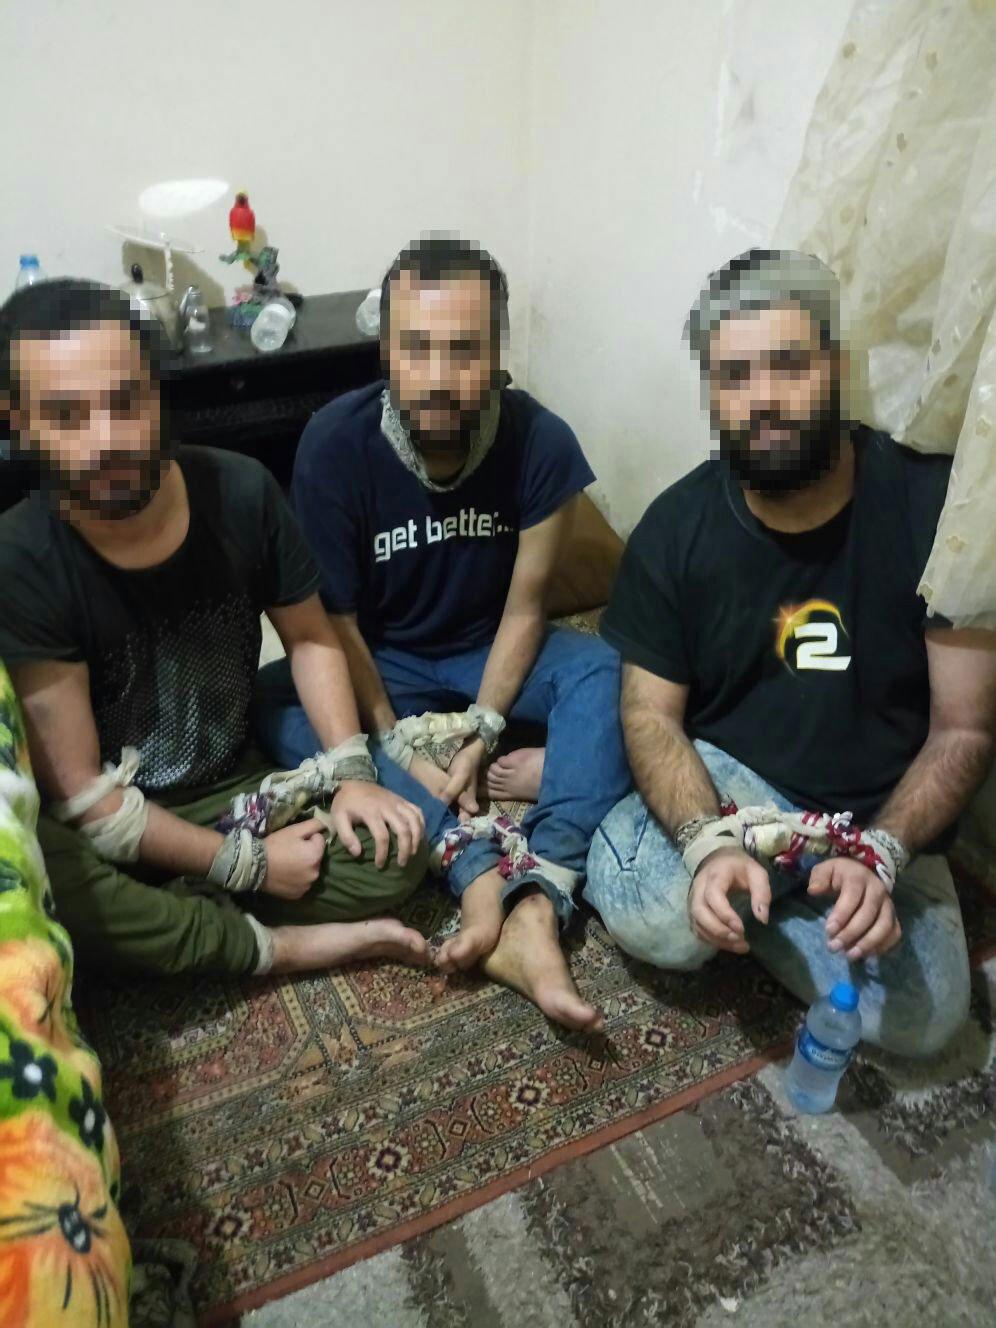 FOTO:SÖZCÜ - Kaçırılan İranlı gençler İstanbul polisinin operasyonu ile kurtarıldı.